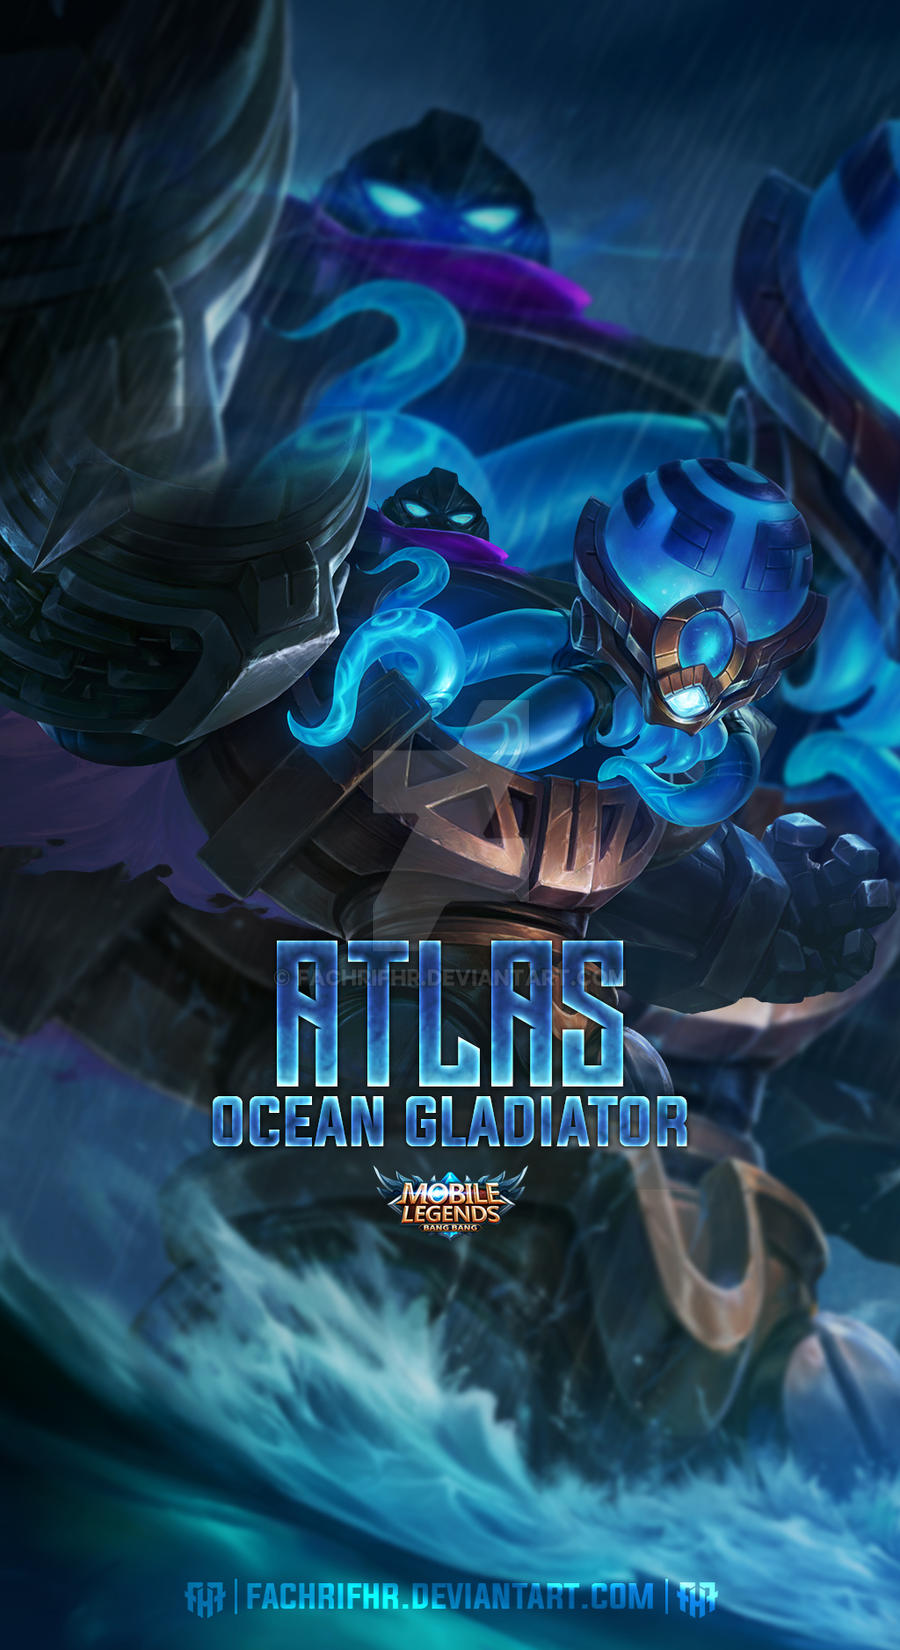 Atlas Ocean Gladiator By Fachrifhr On Deviantart